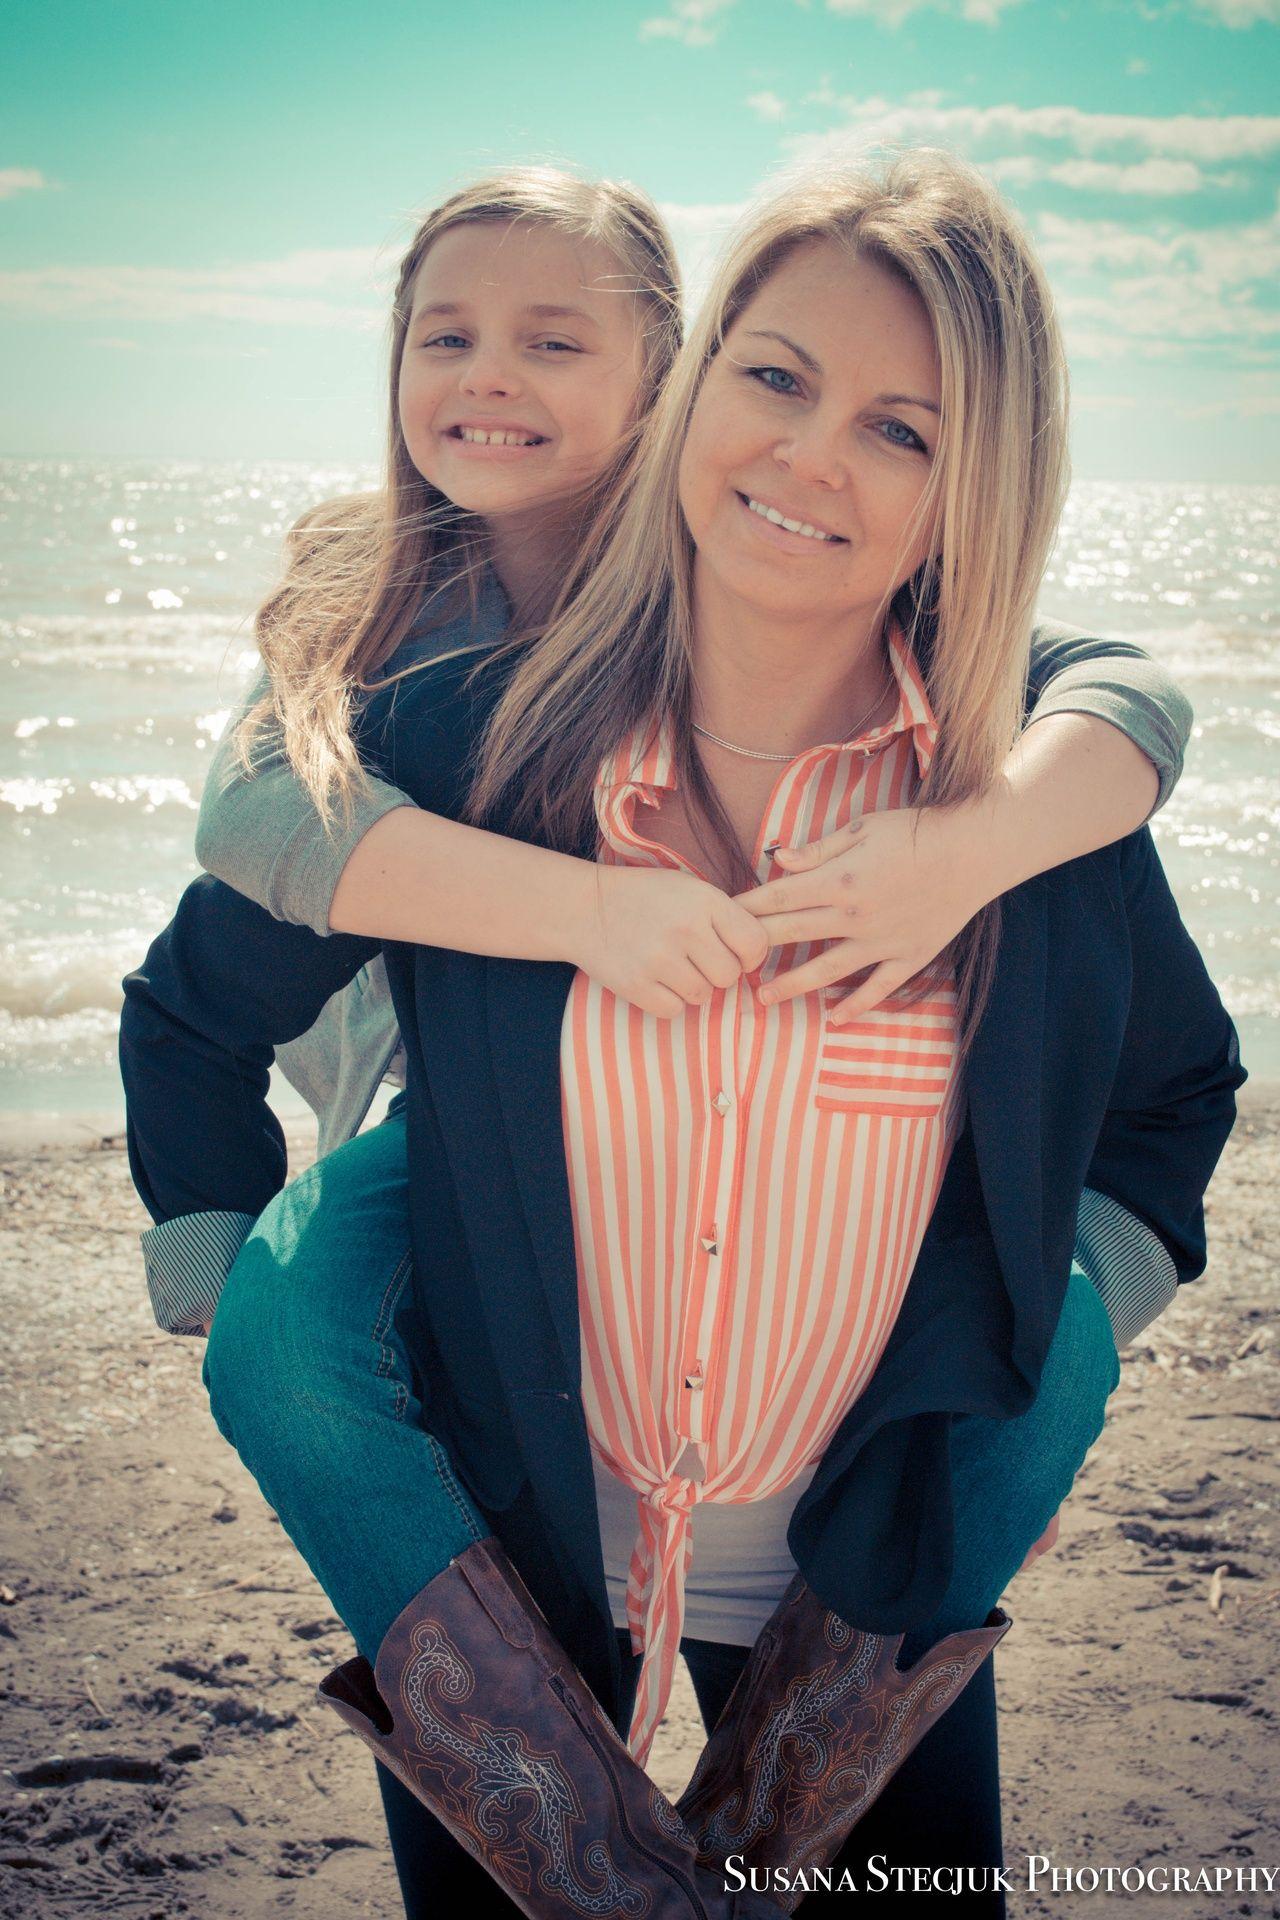 mother daughter photography pose | Susana Stecjuk